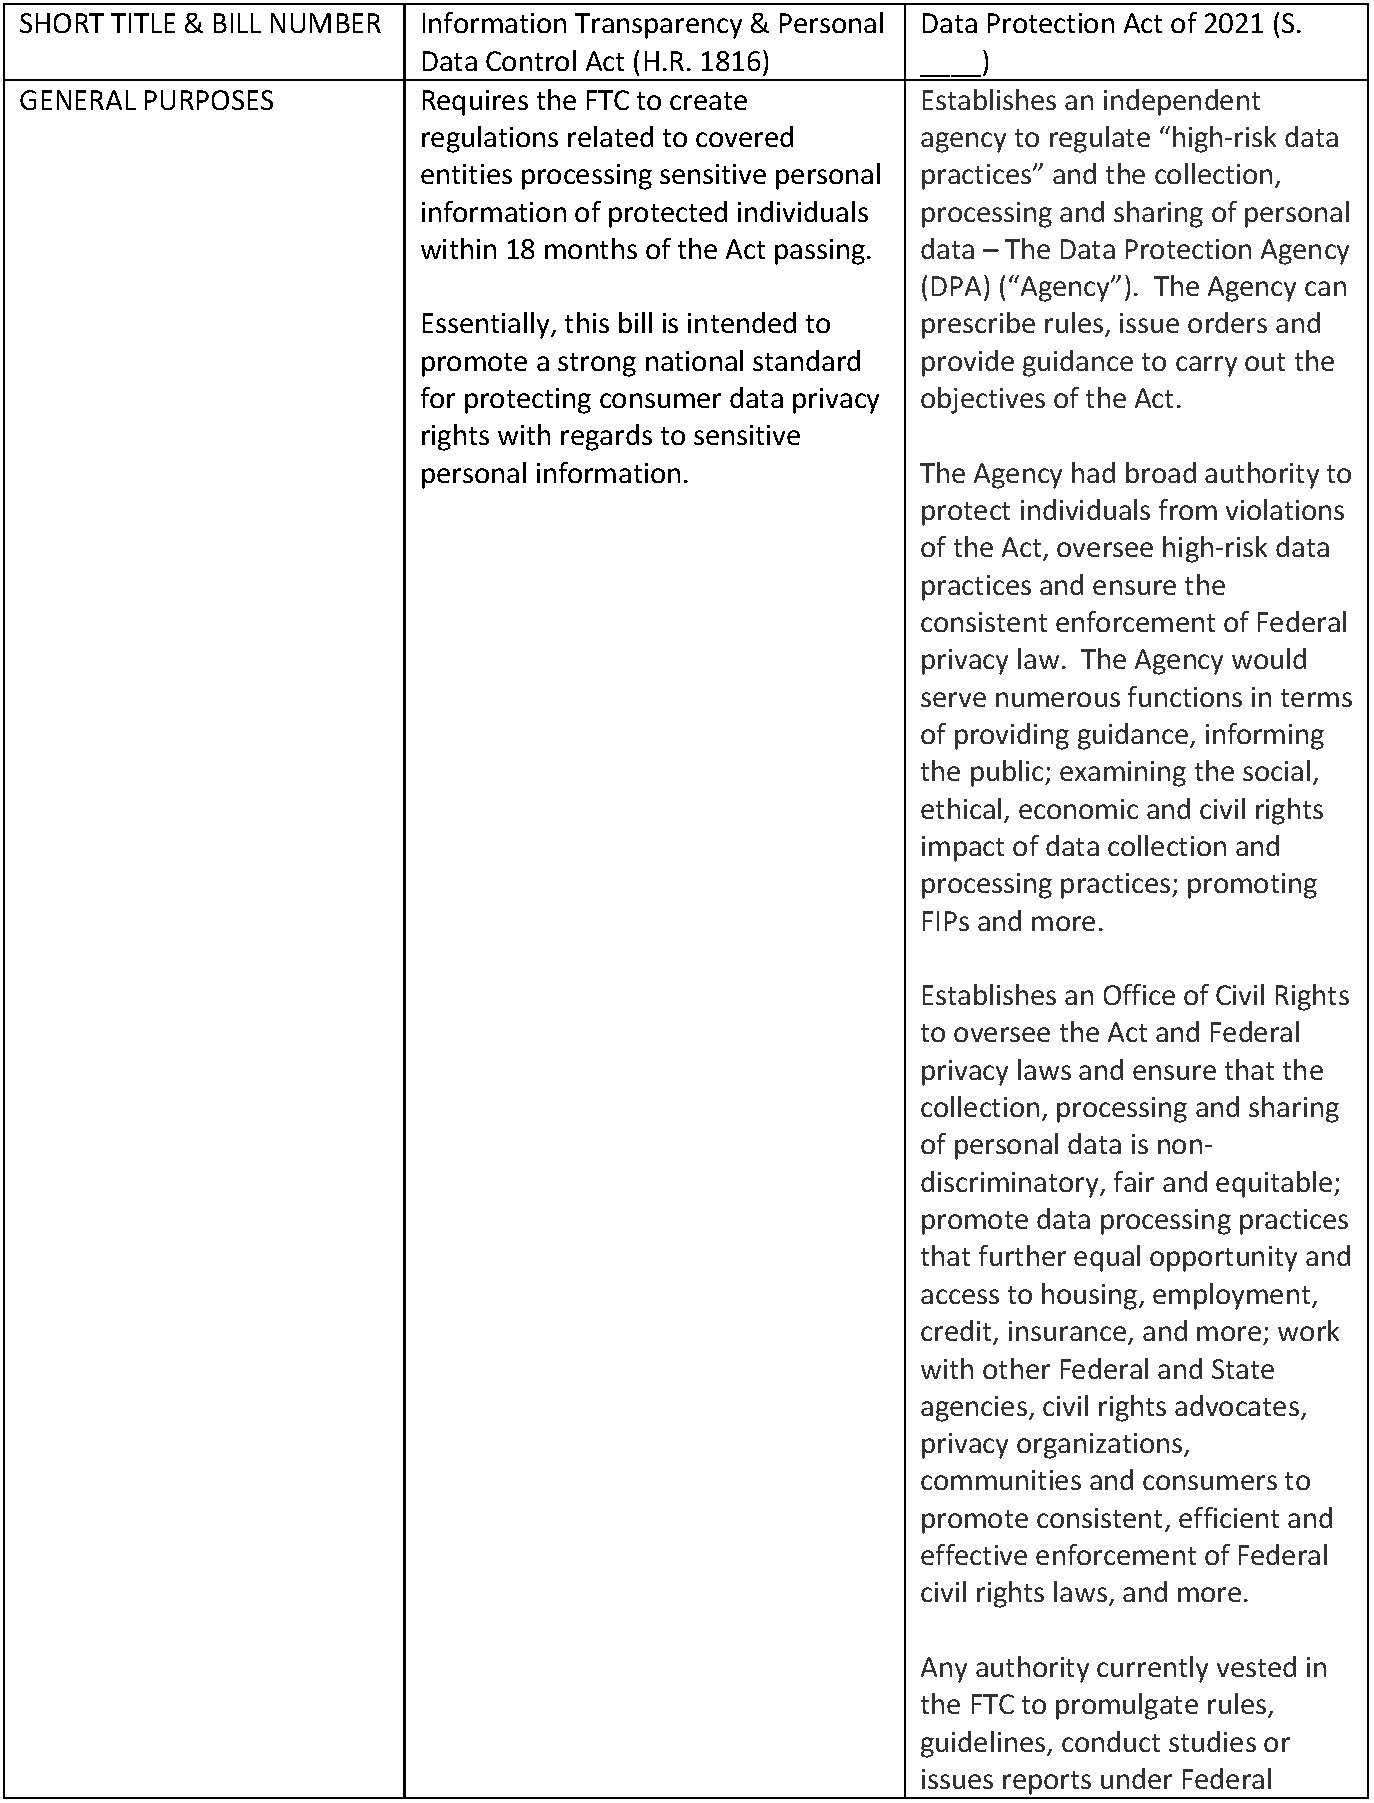 Feddatabillstwo Page 1